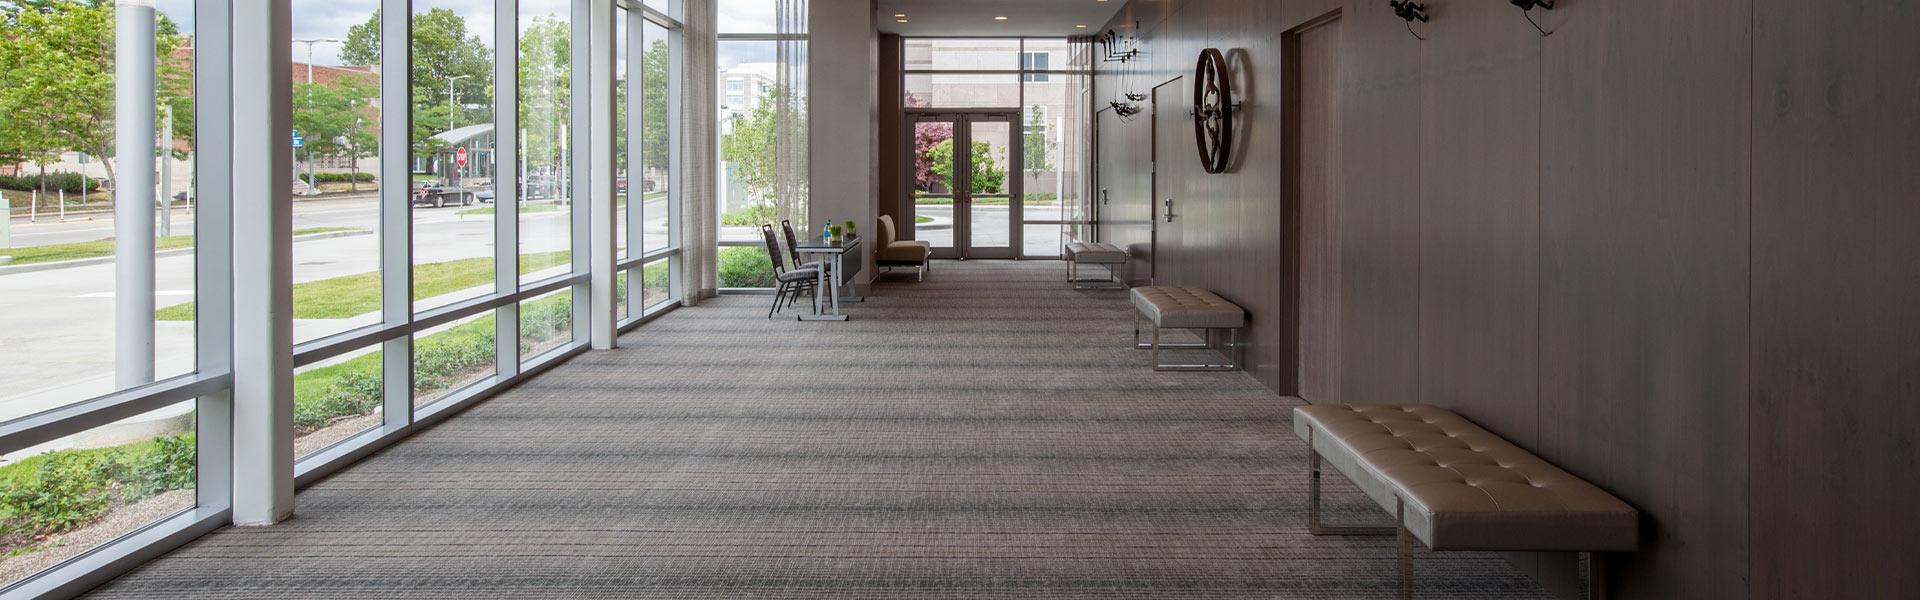 Holiday Inn Cleveland Clinic Ohio - Floor Plan